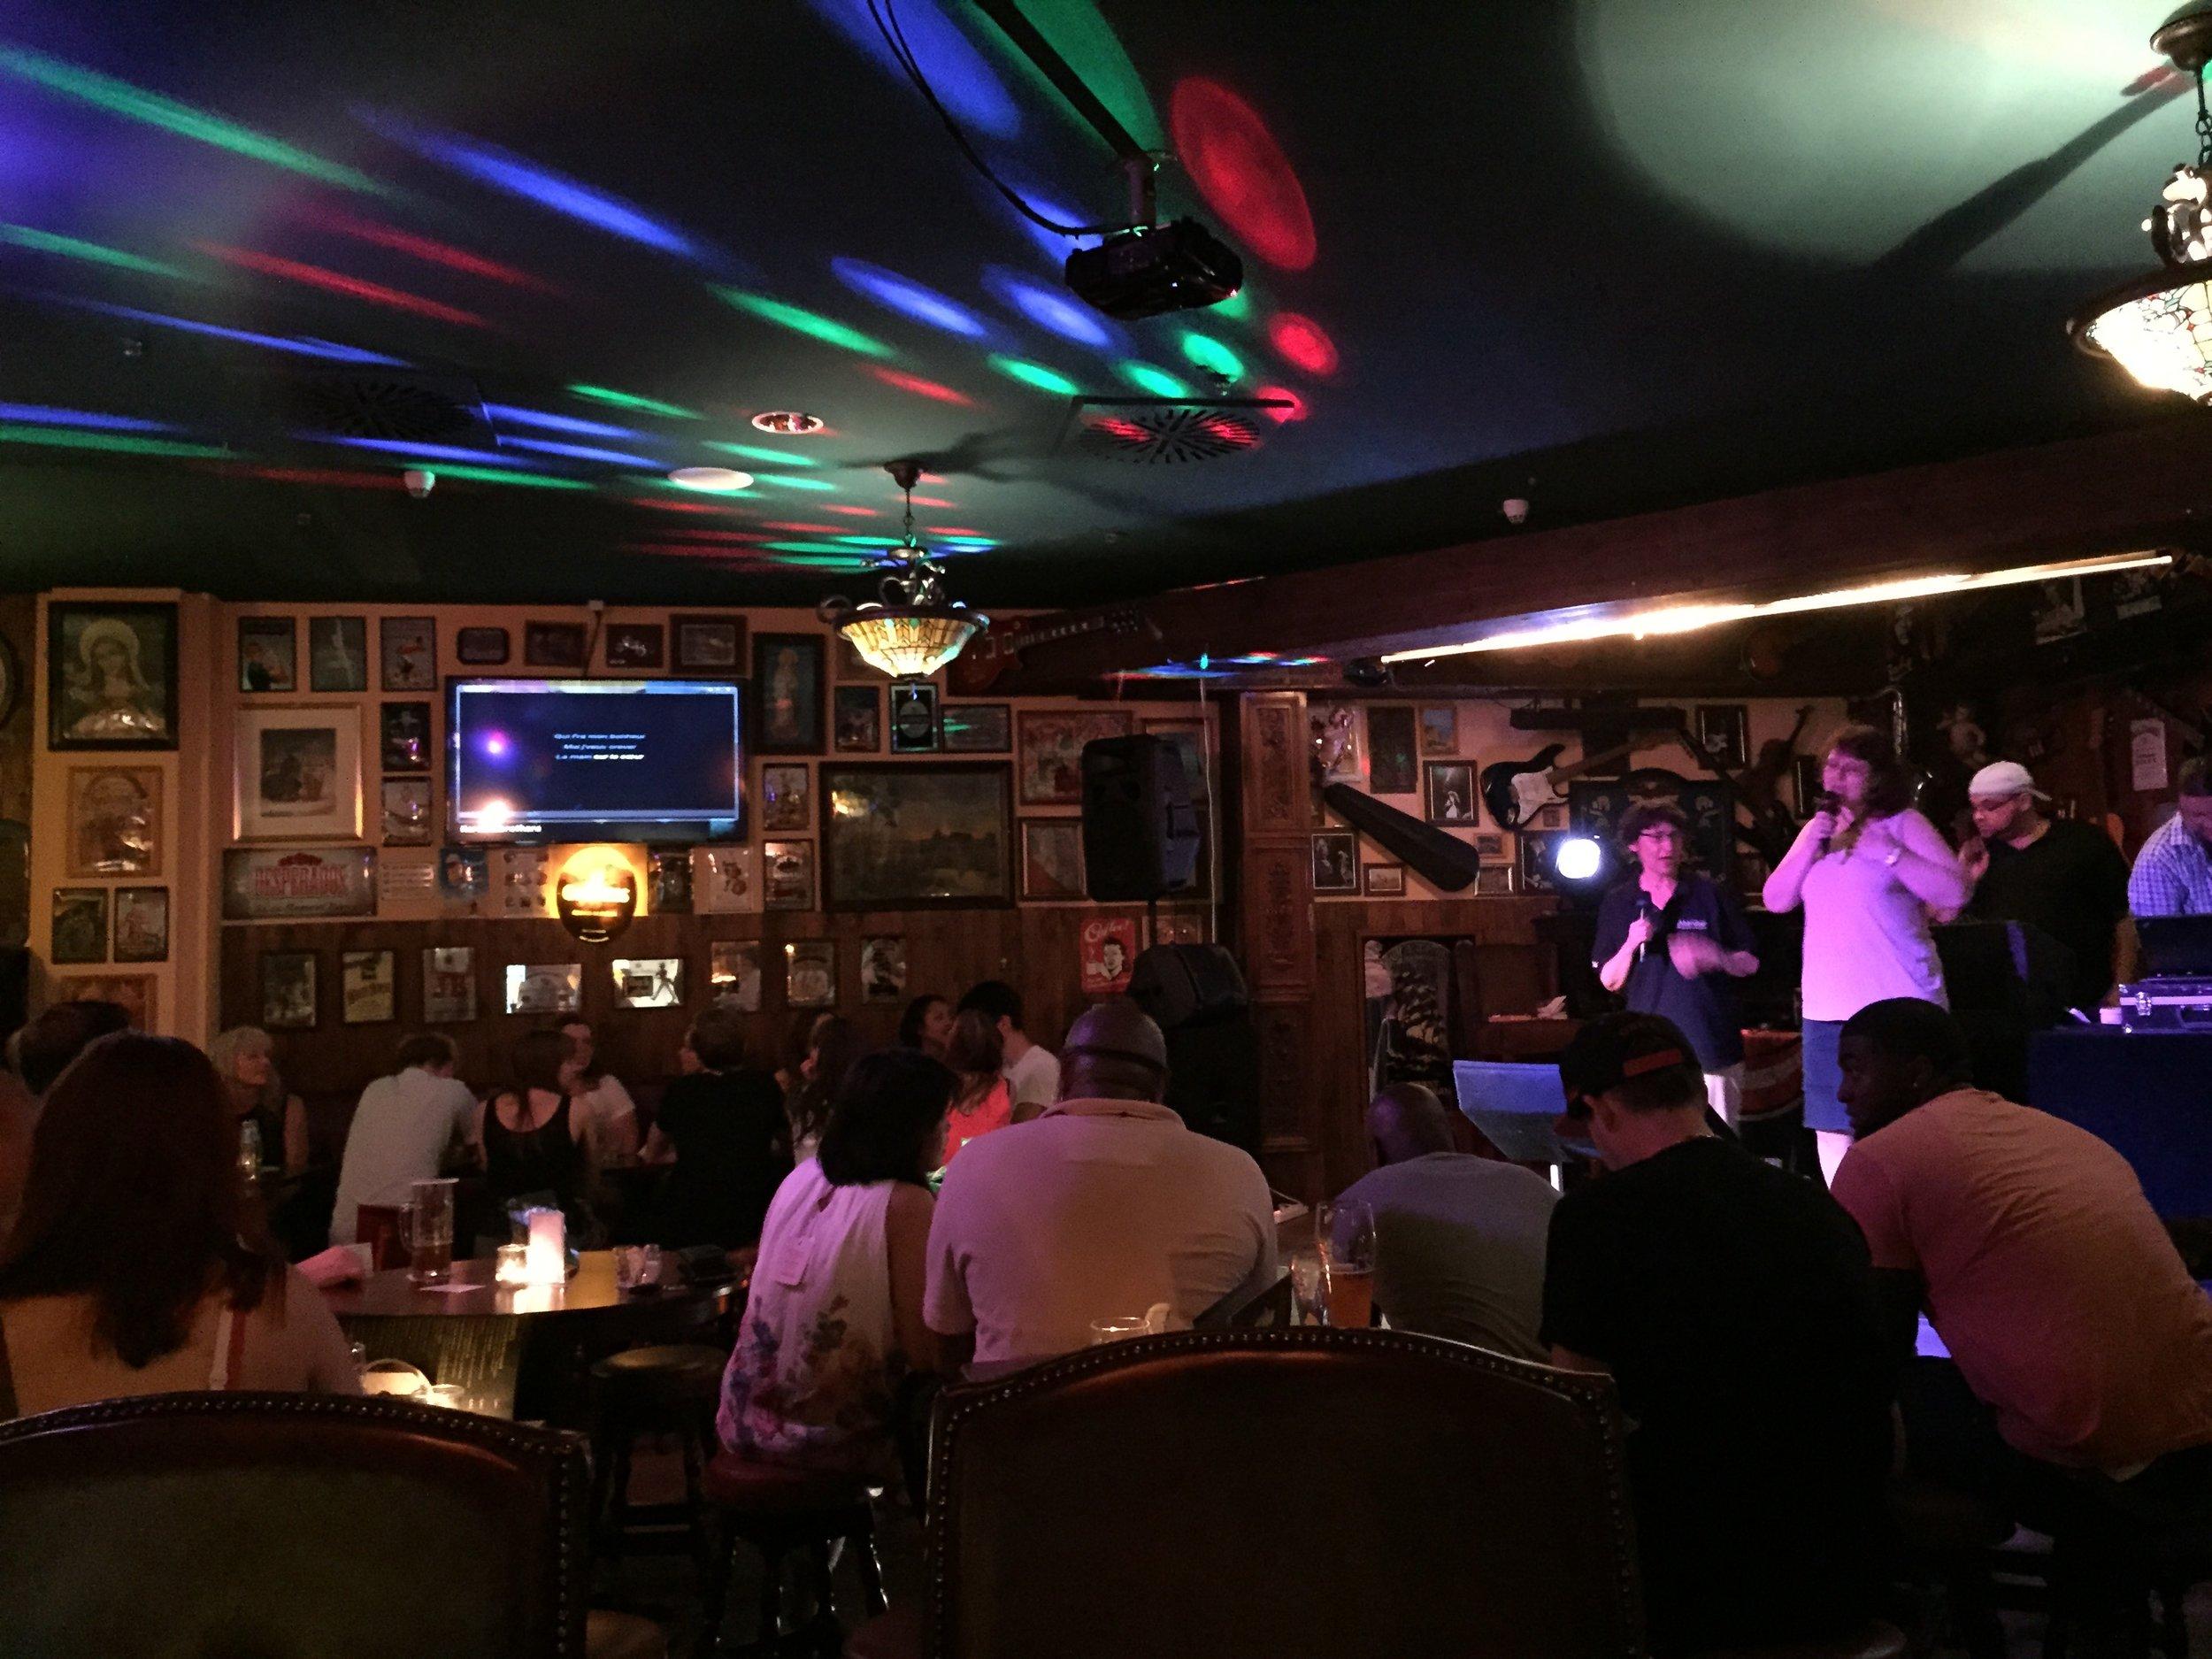 Karaokeabend im Pub(existiert leider nicht mehr)